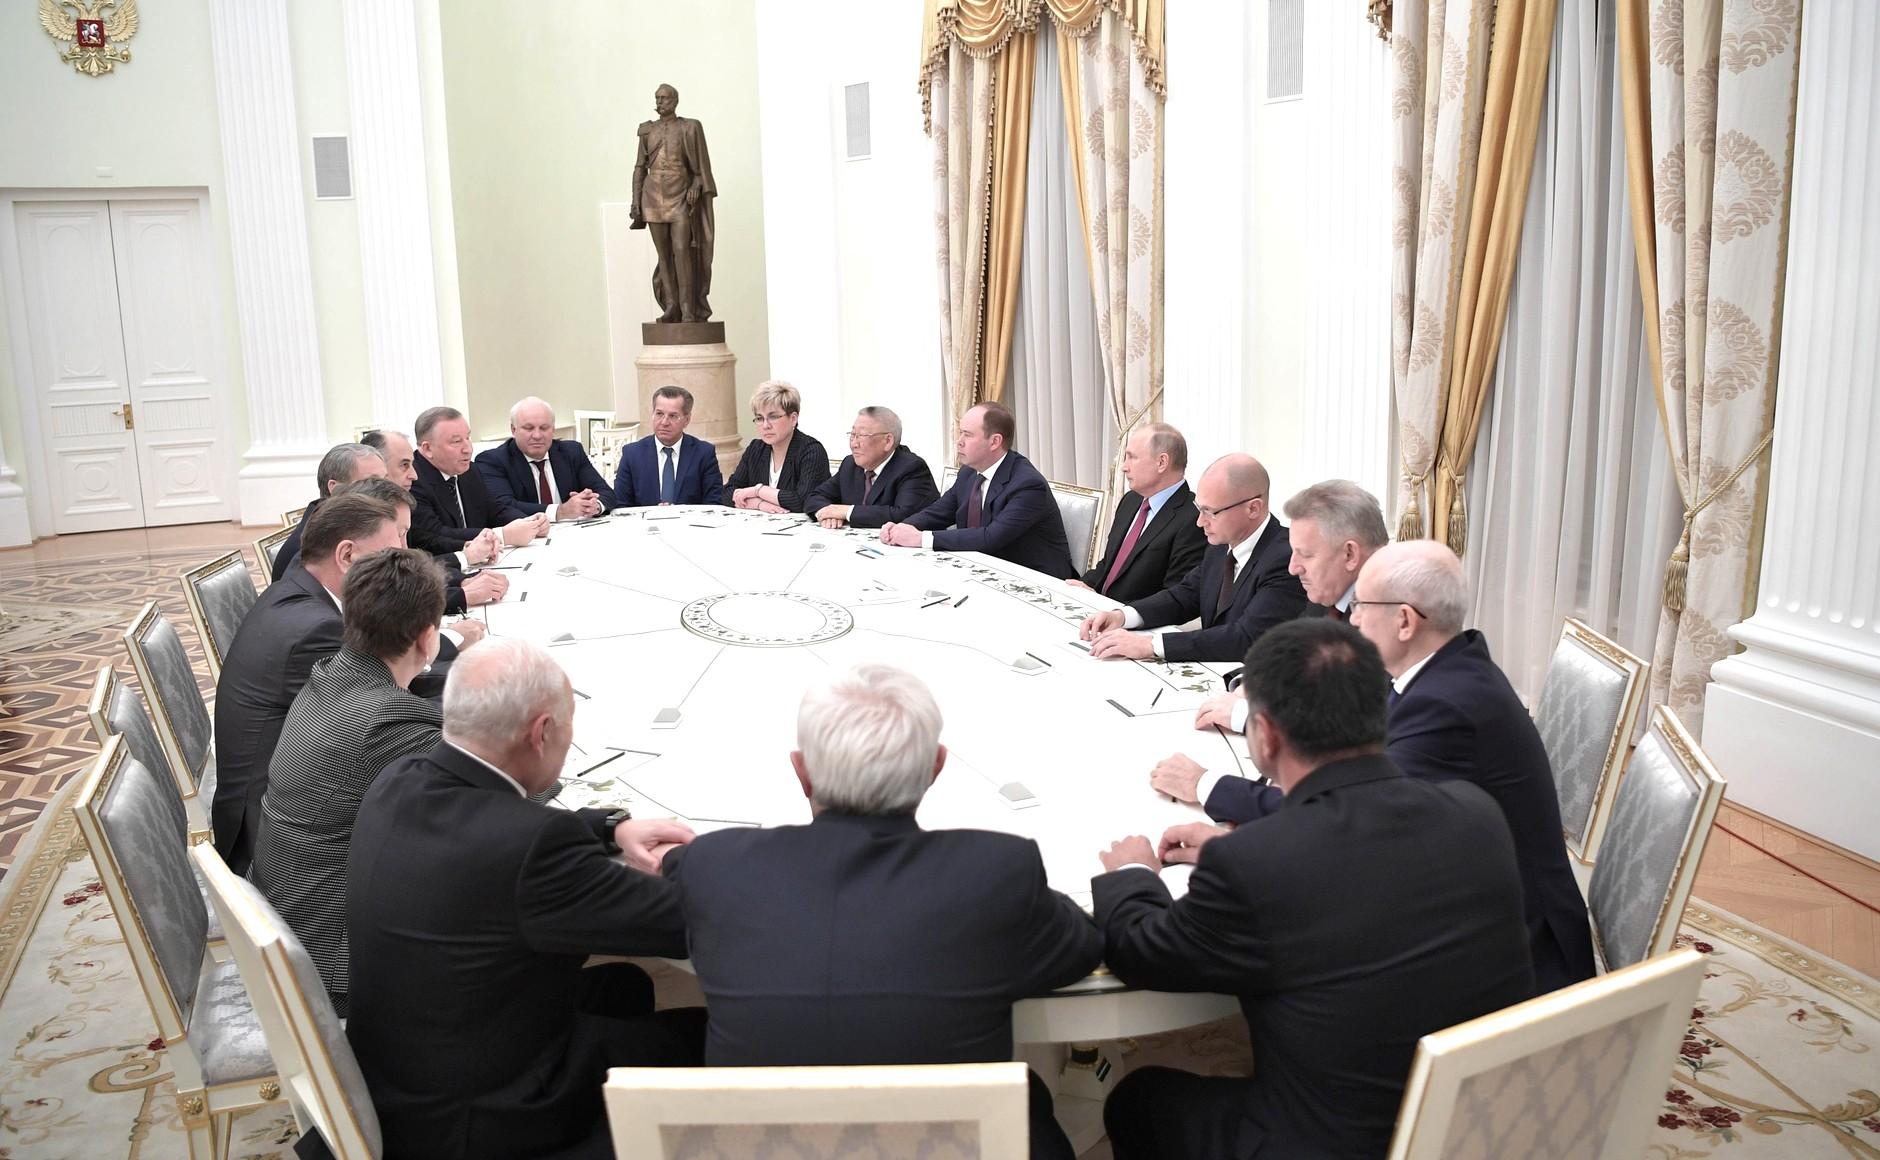 Путин предложил Ждановой место в Совете Федерации